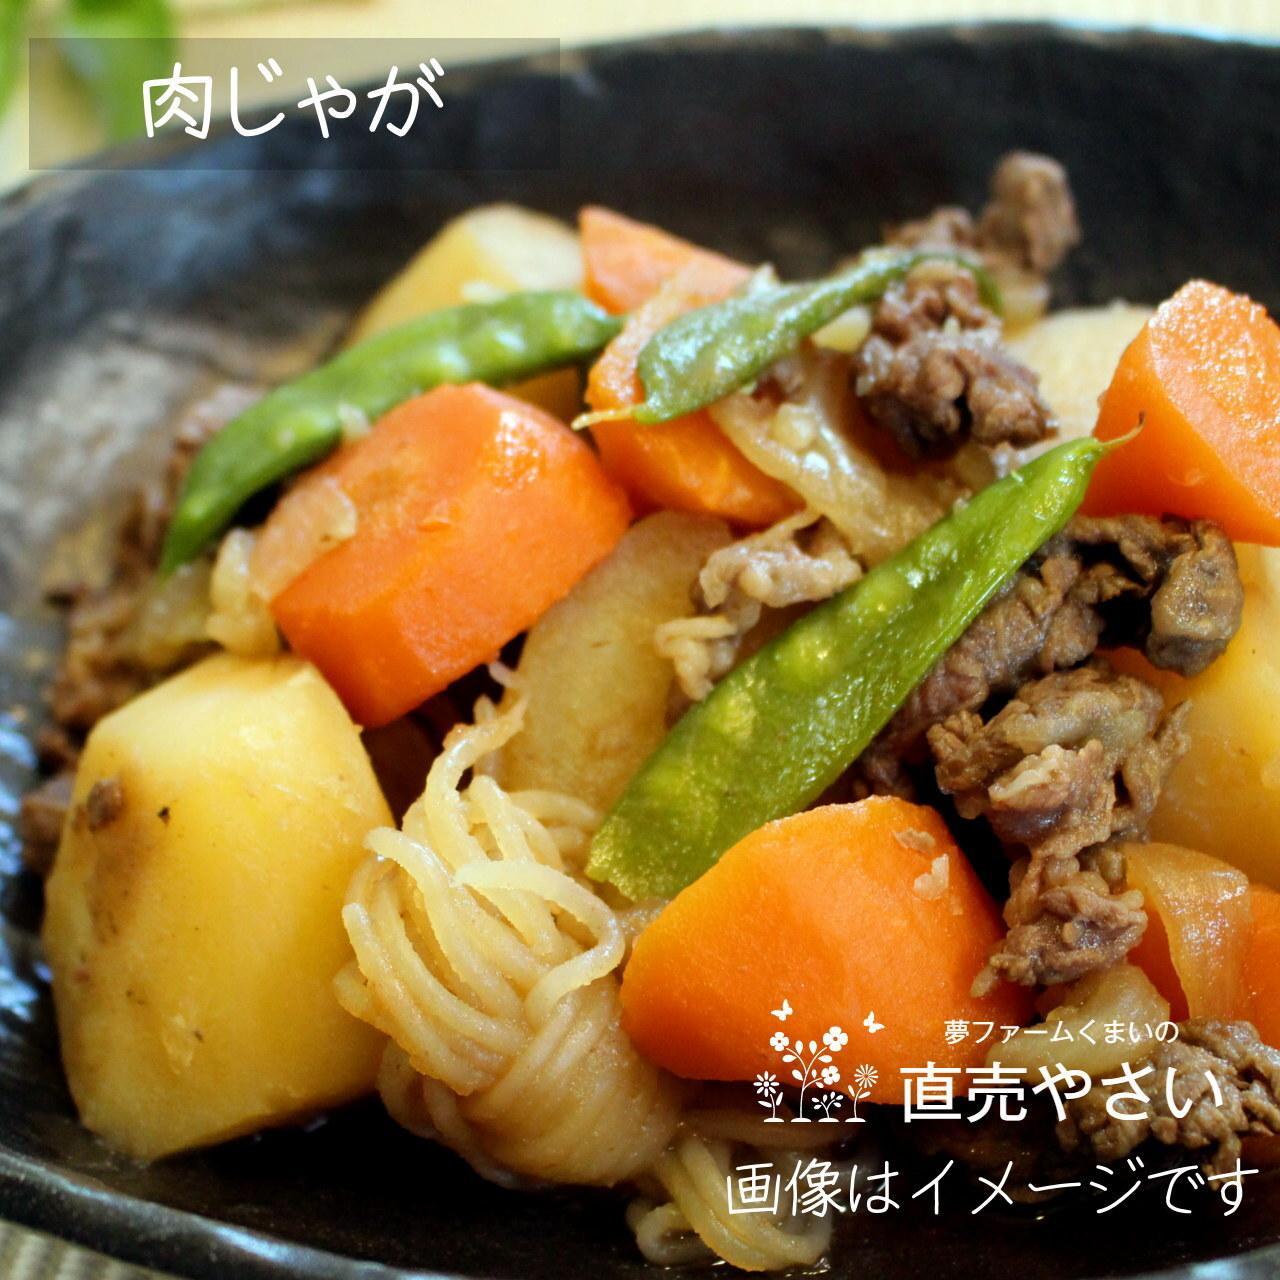 ニンジン 約400g : 6月の朝採り直売野菜  春の新鮮野菜 6月6日発送予定